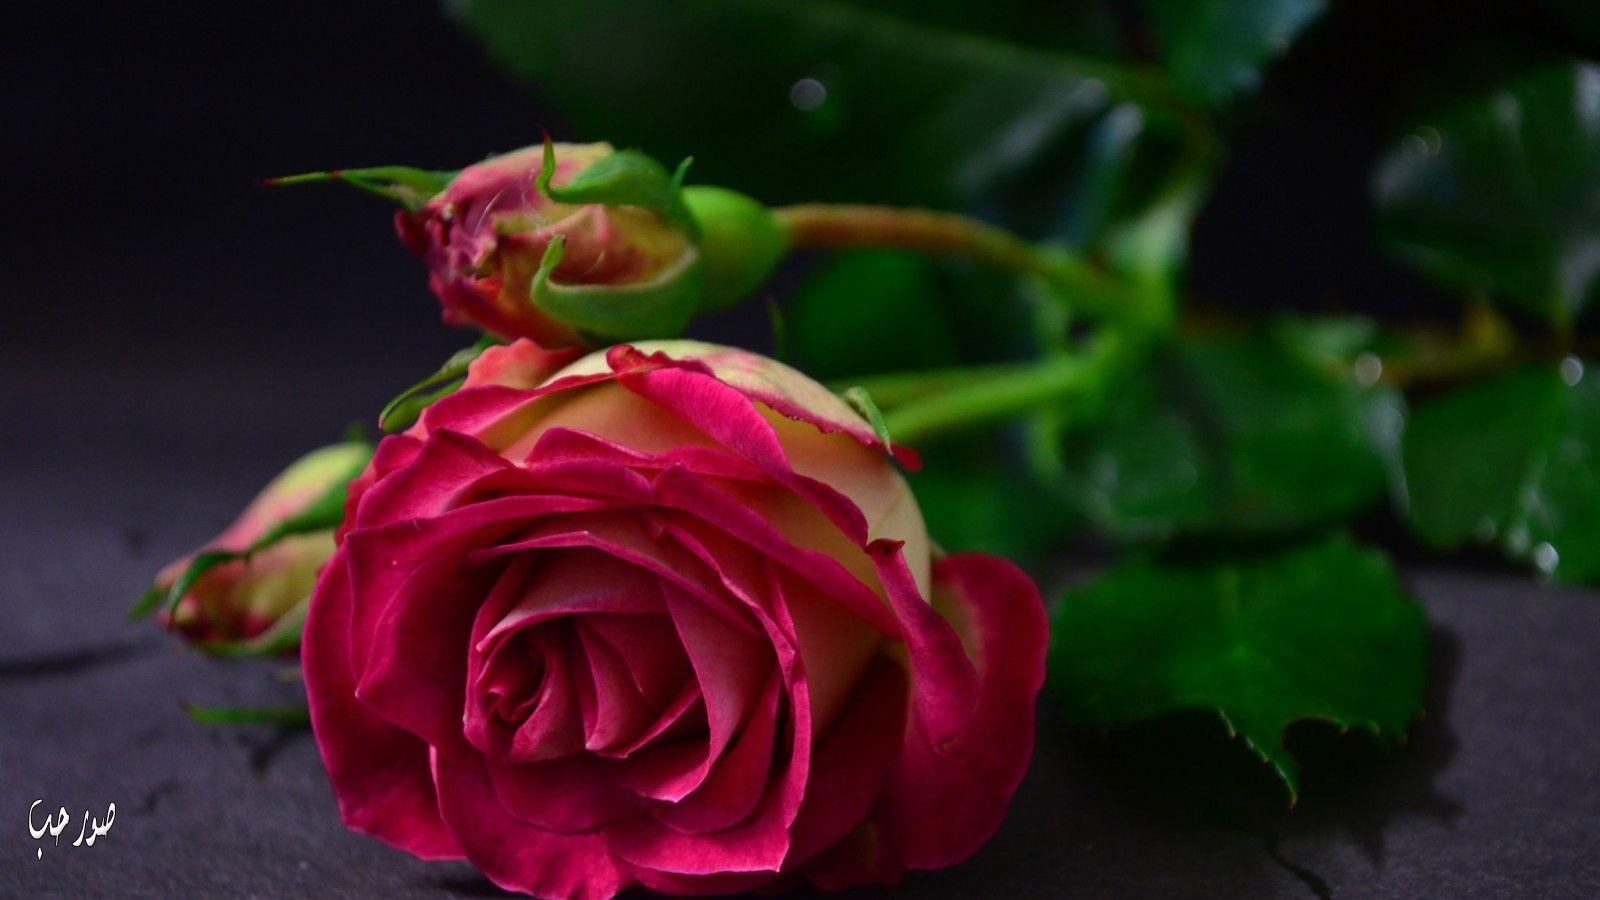 بالصور صور ورود طبيعيه , اشكال الربيع في زهرات البساتين 84 7